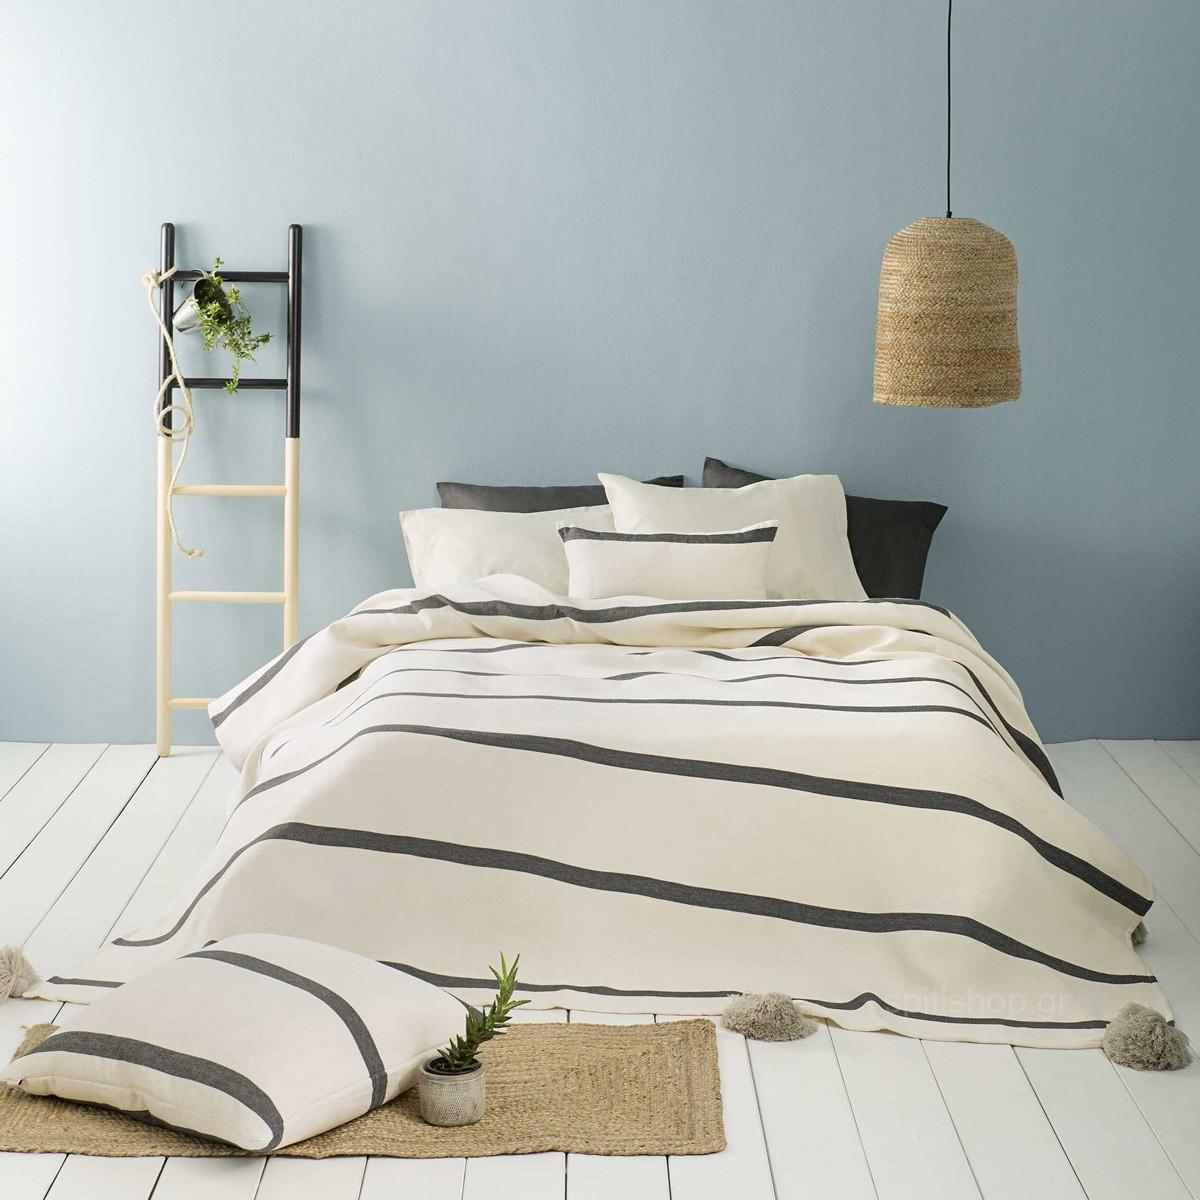 Κουβερτόριο Υπέρδιπλο Nima Layers Vibiana home   κρεβατοκάμαρα   κουβέρτες   κουβέρτες καλοκαιρινές υπέρδιπλες